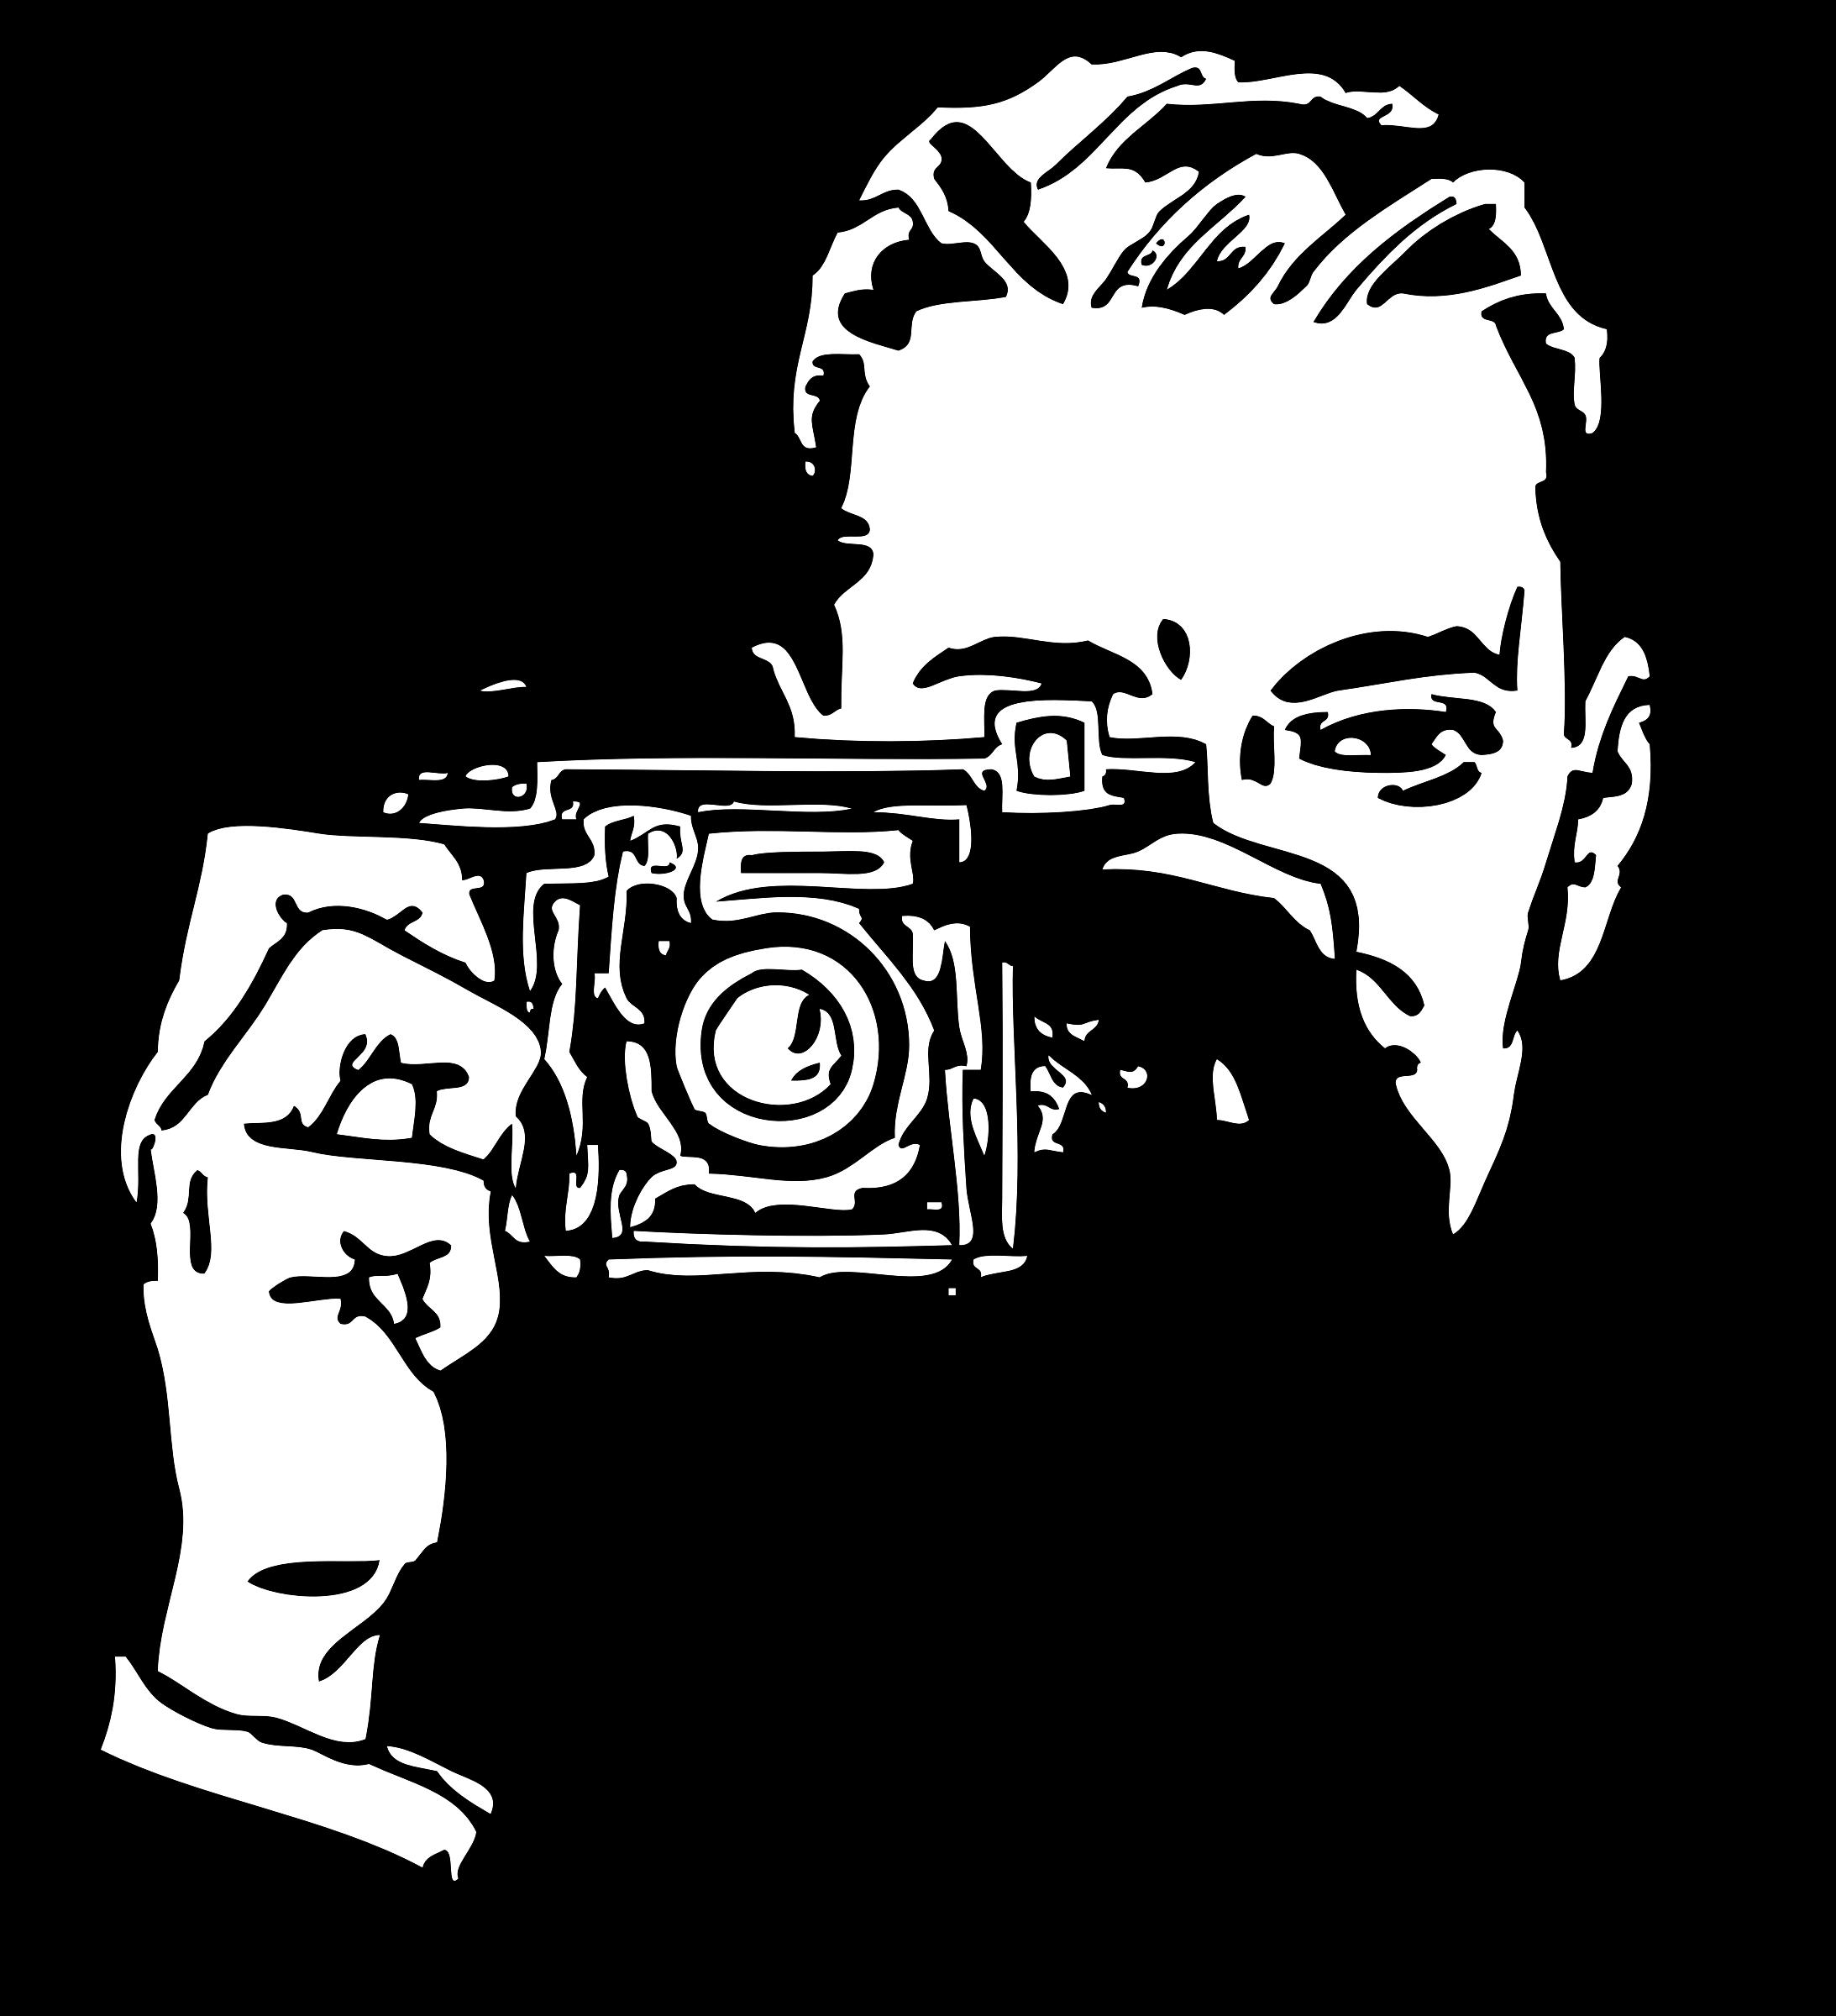 Photograph taken